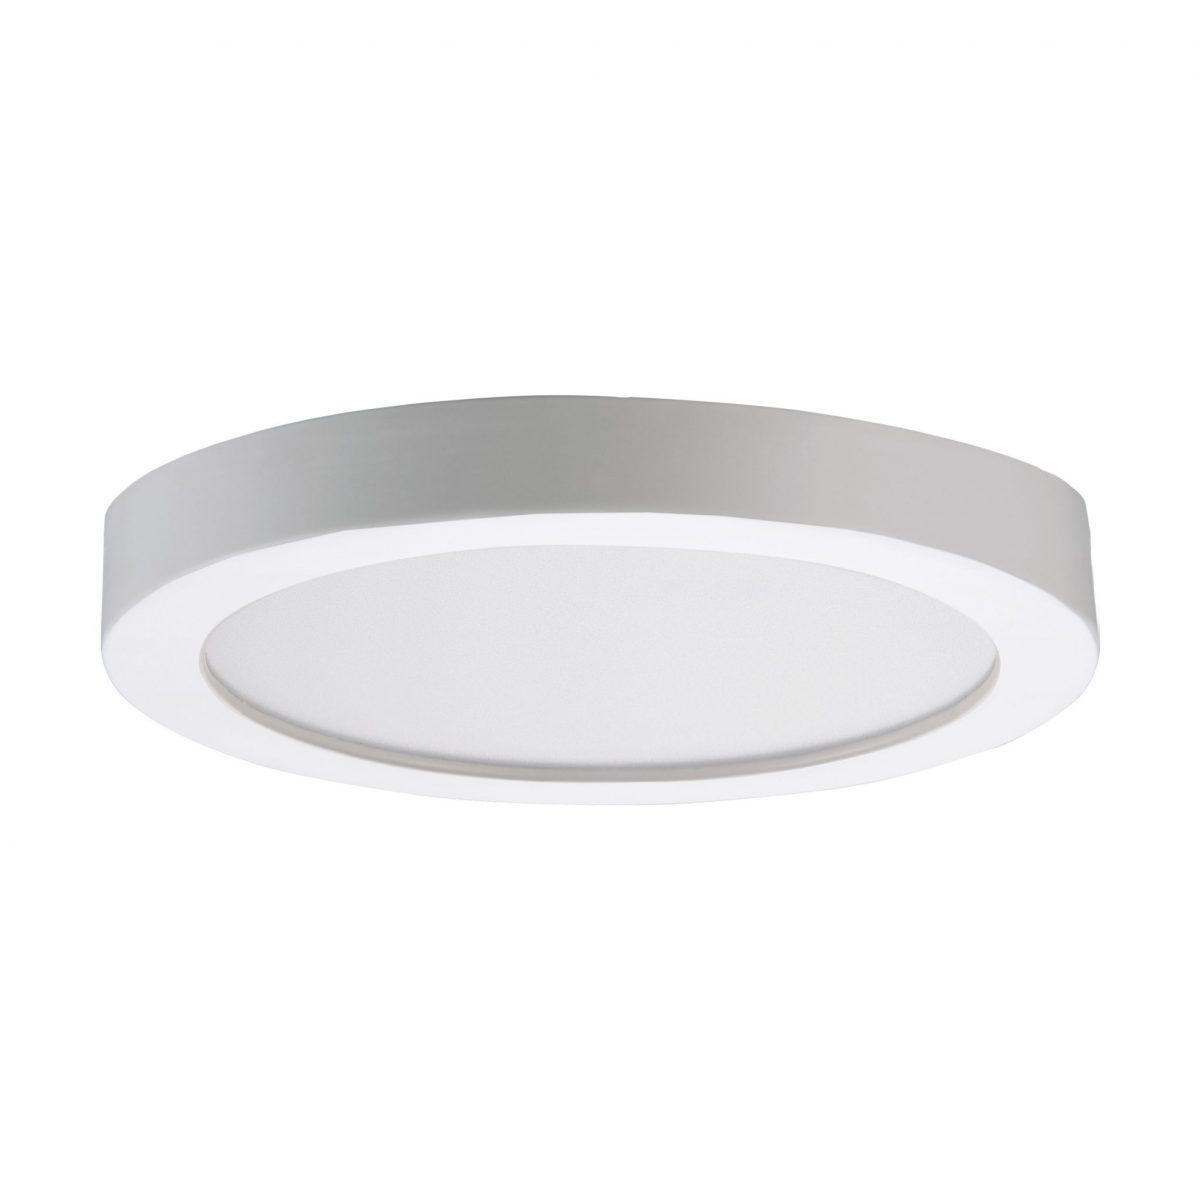 Светильник настенно-потолочный FUEVA-RW EGLO 97115 - Фото №28